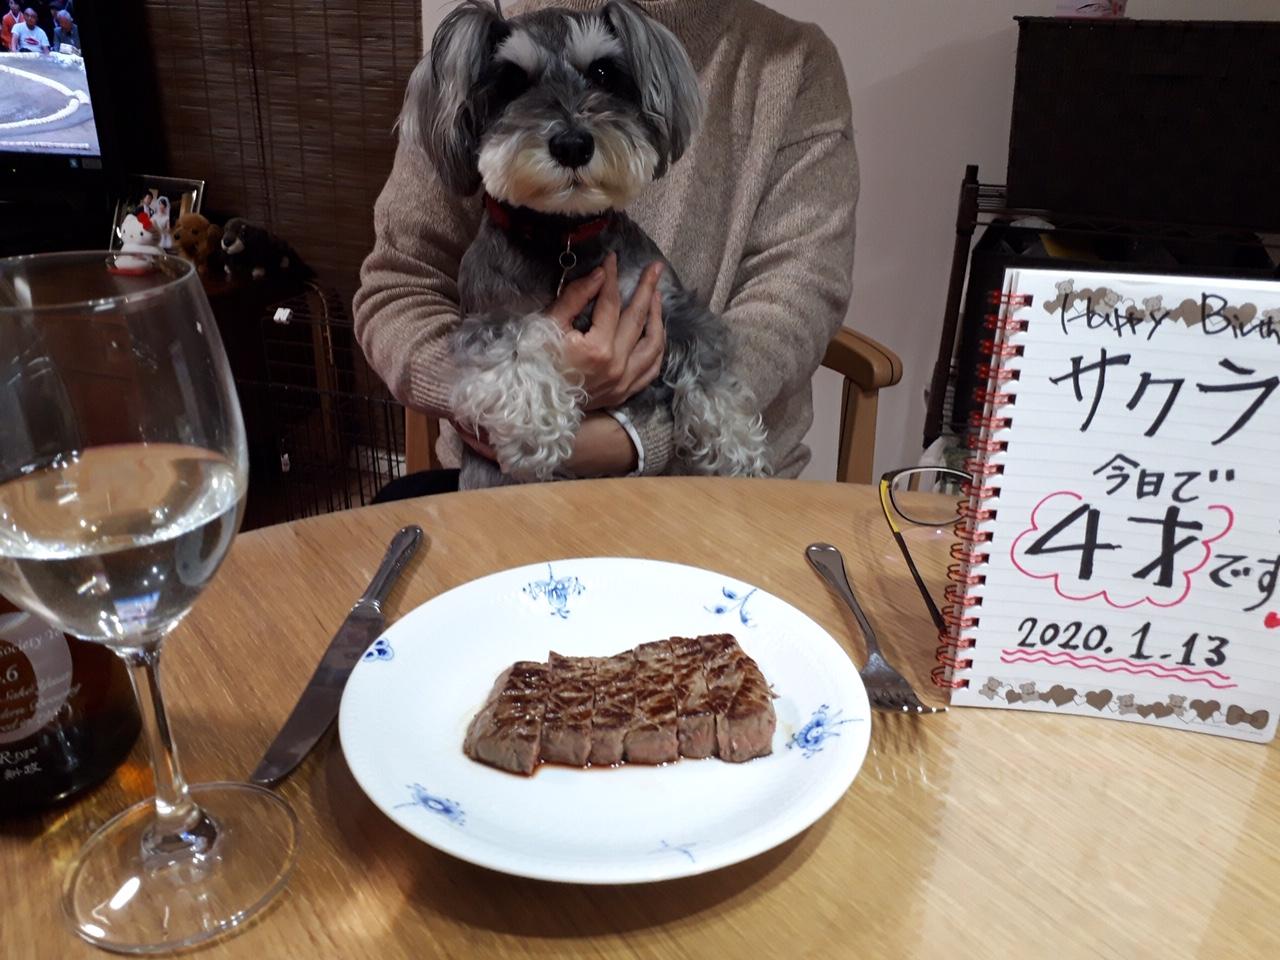 レストランで4才の誕生日を祝うサクラちゃん。